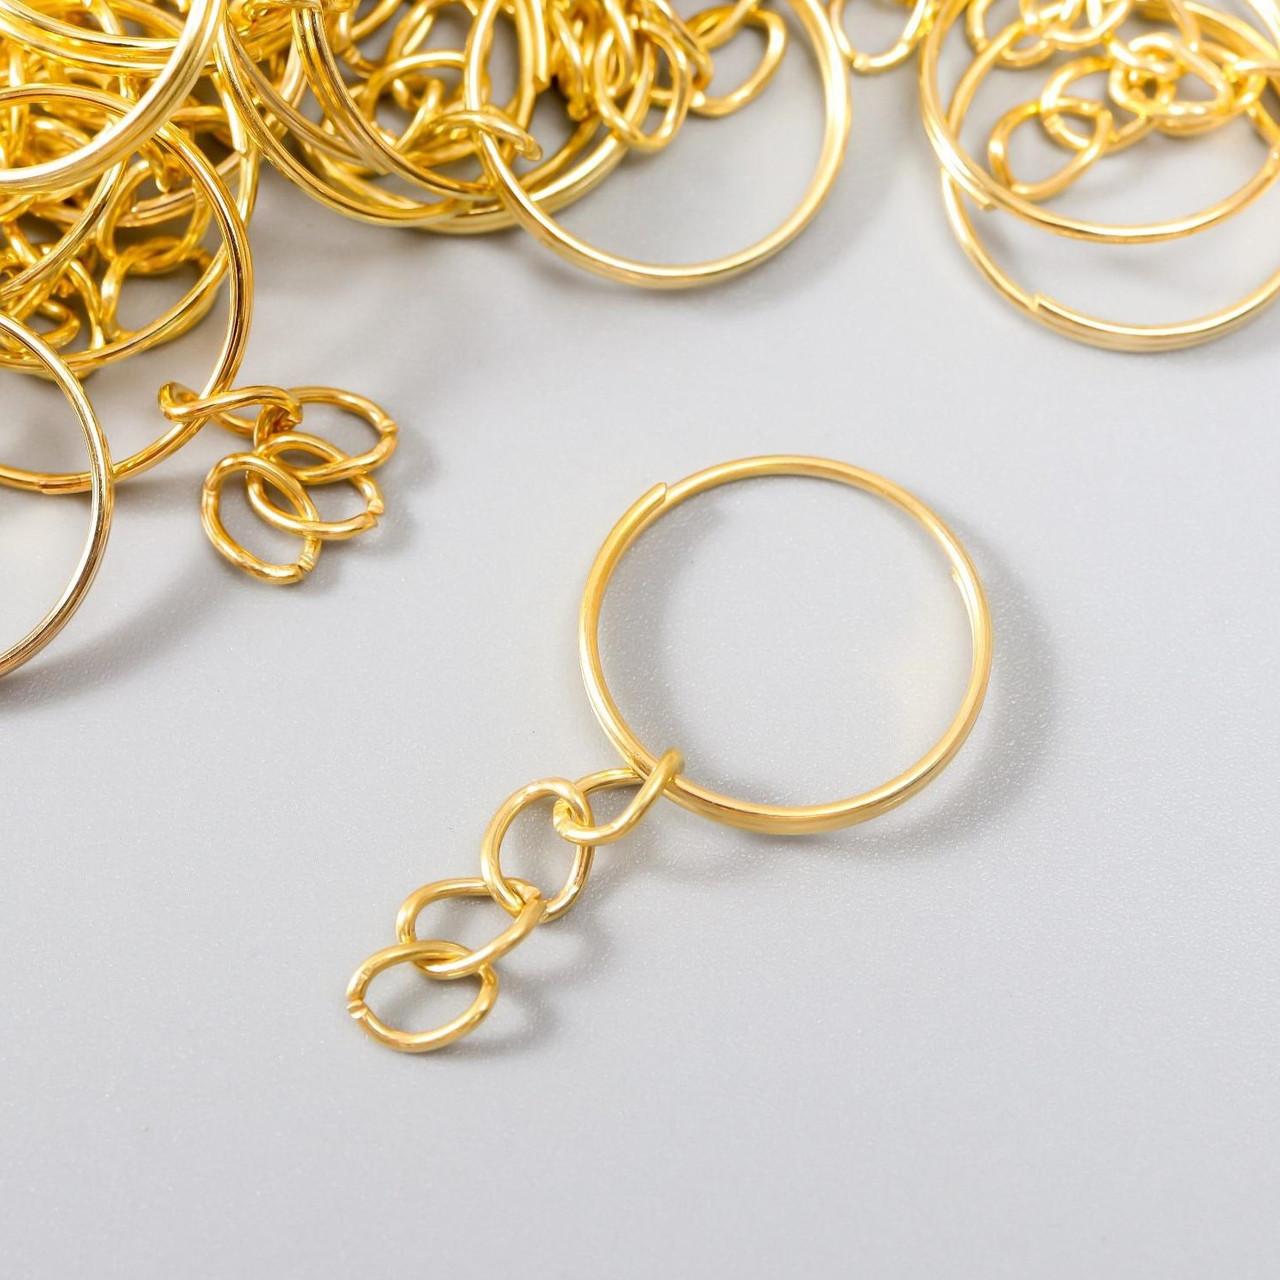 Основа для брелока кольцо металл с цепочкой золото 1,8х1,8 см набор 40 шт